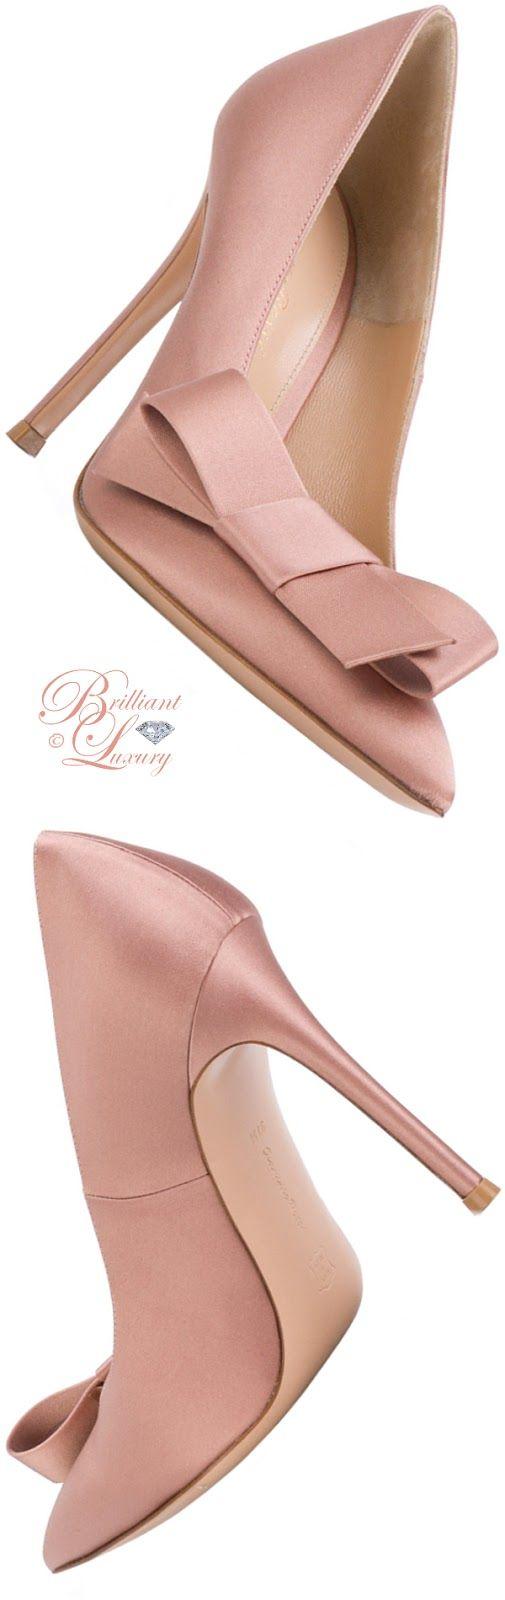 Brilliant Luxury ♦ Gianvito Rossi Kyoto bow pumps